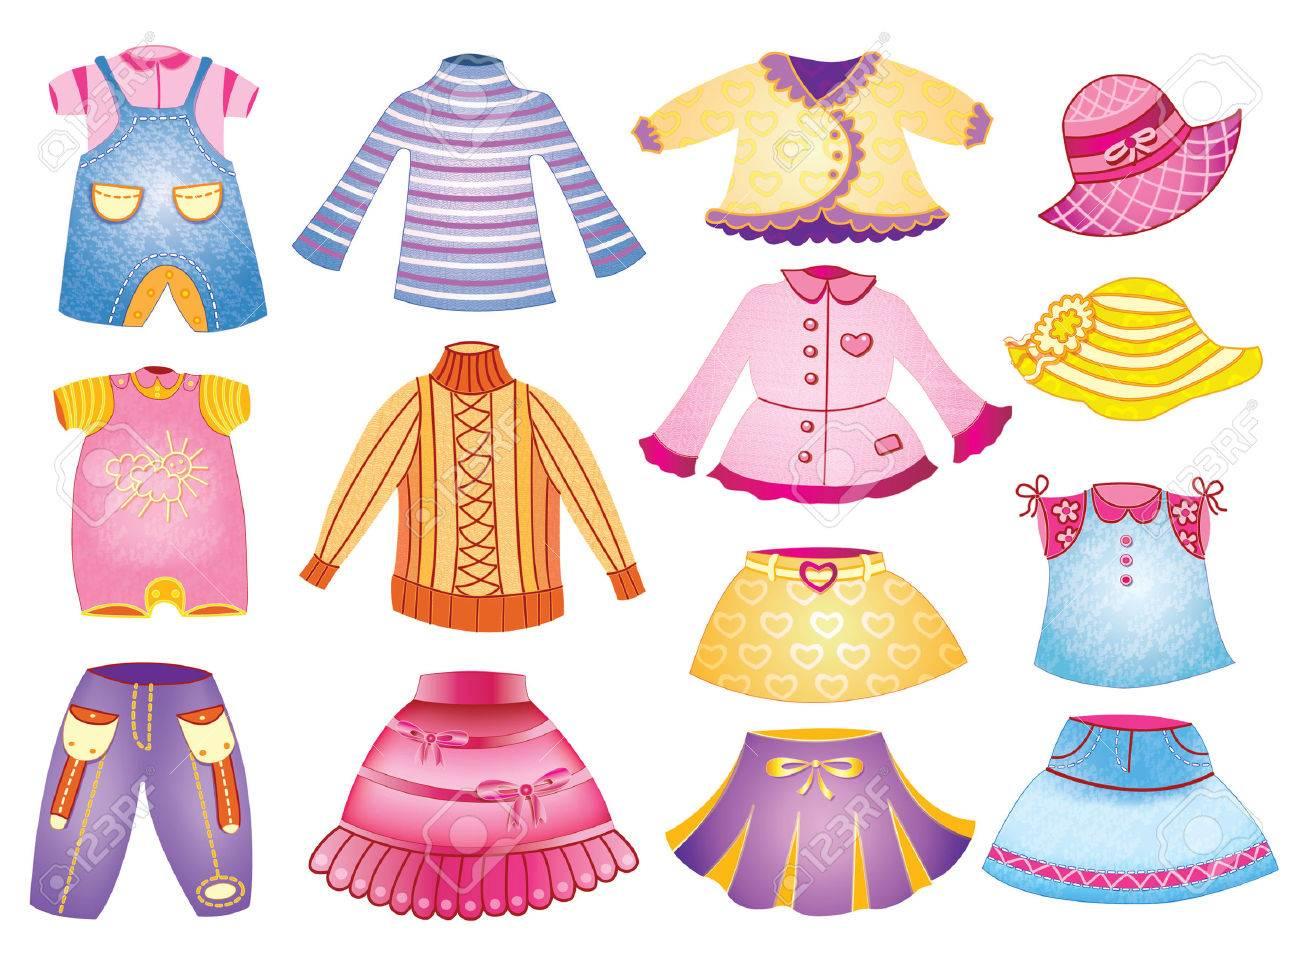 Recopilación moda infantil